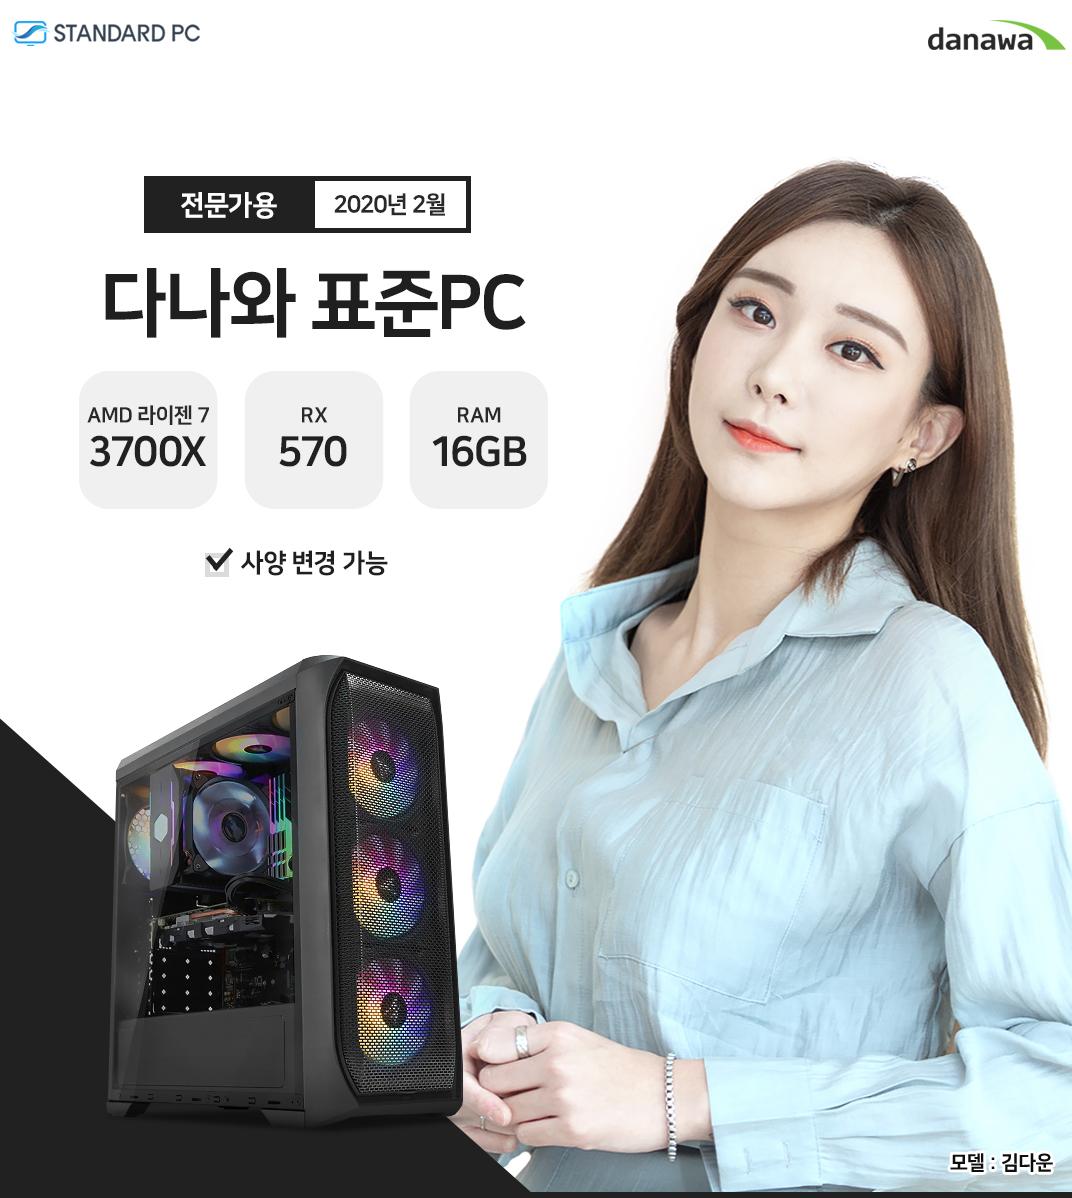 2020년 02월 다나와 표준PC 음향작업용 AMD 라이젠 7 3700X GTX RX580 VGA RAM 4G 모델 송주아